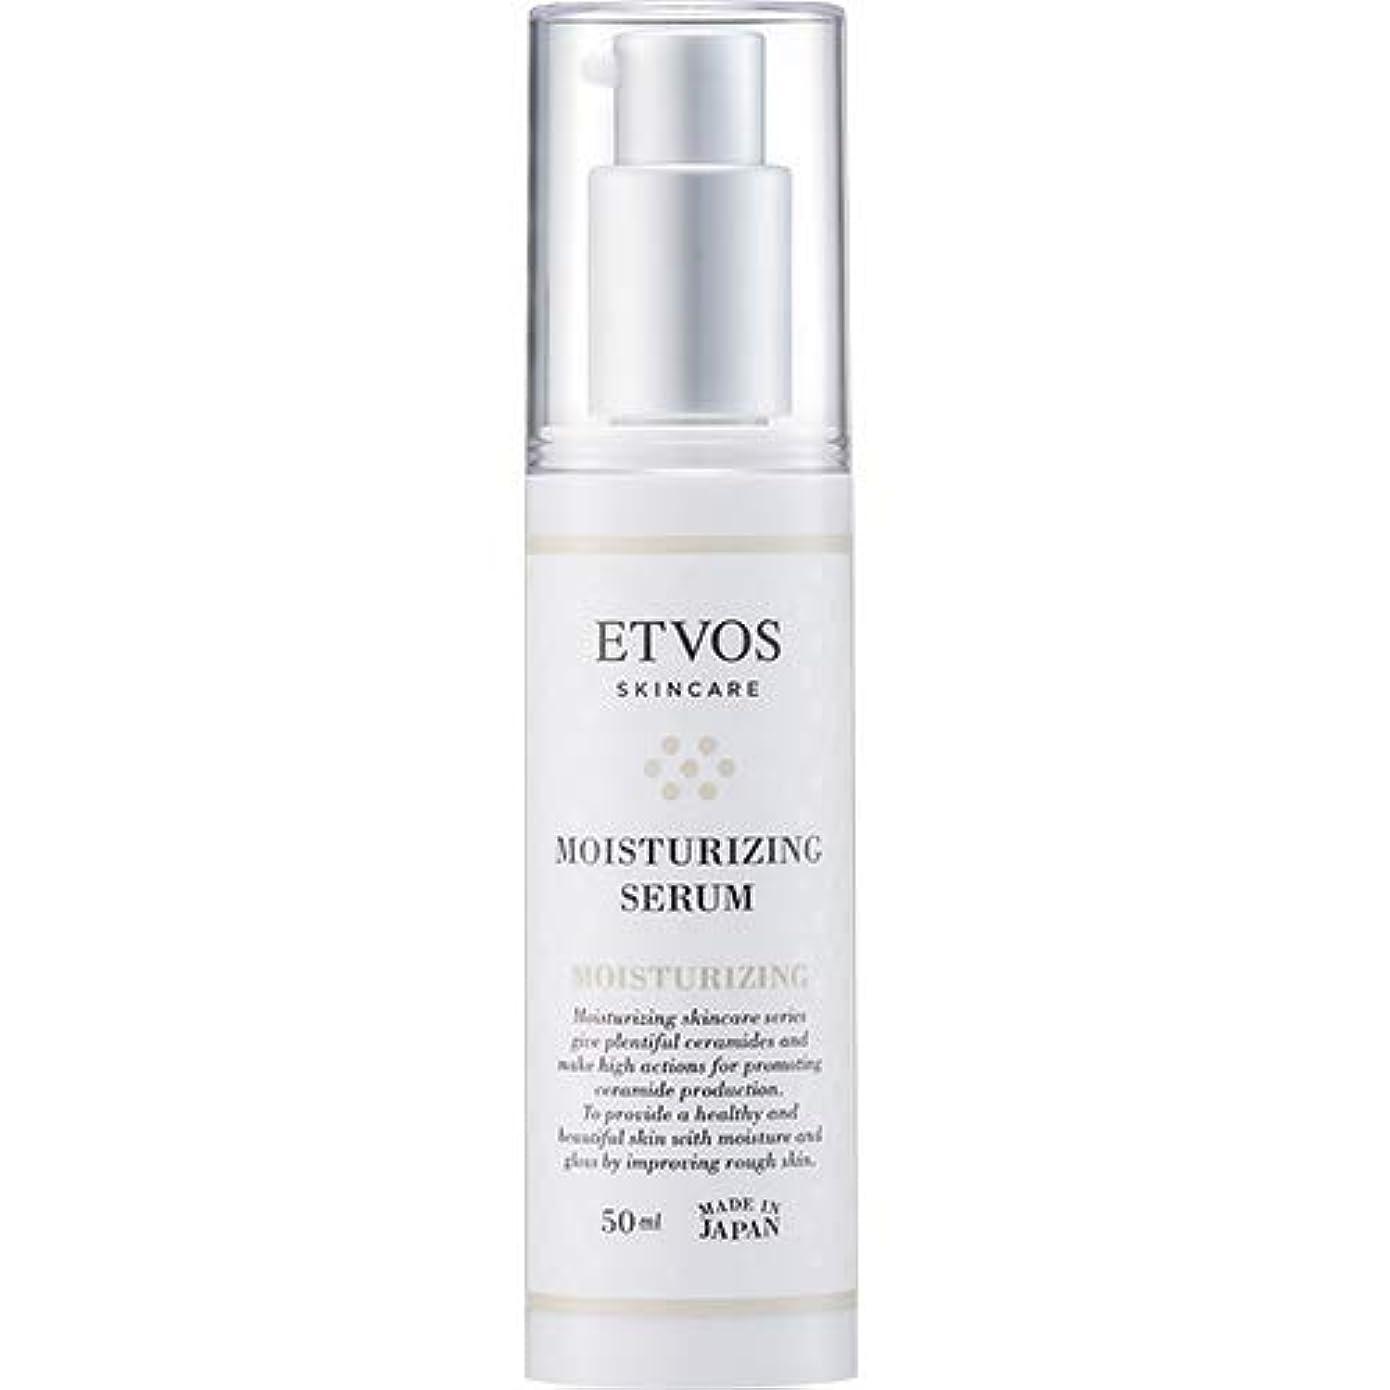 シャンパン書く不良品ETVOS(エトヴォス) 保湿美容液 モイスチャライジングセラム 50ml ヒト型セラミド配合 乾燥肌/敏感肌 乳液